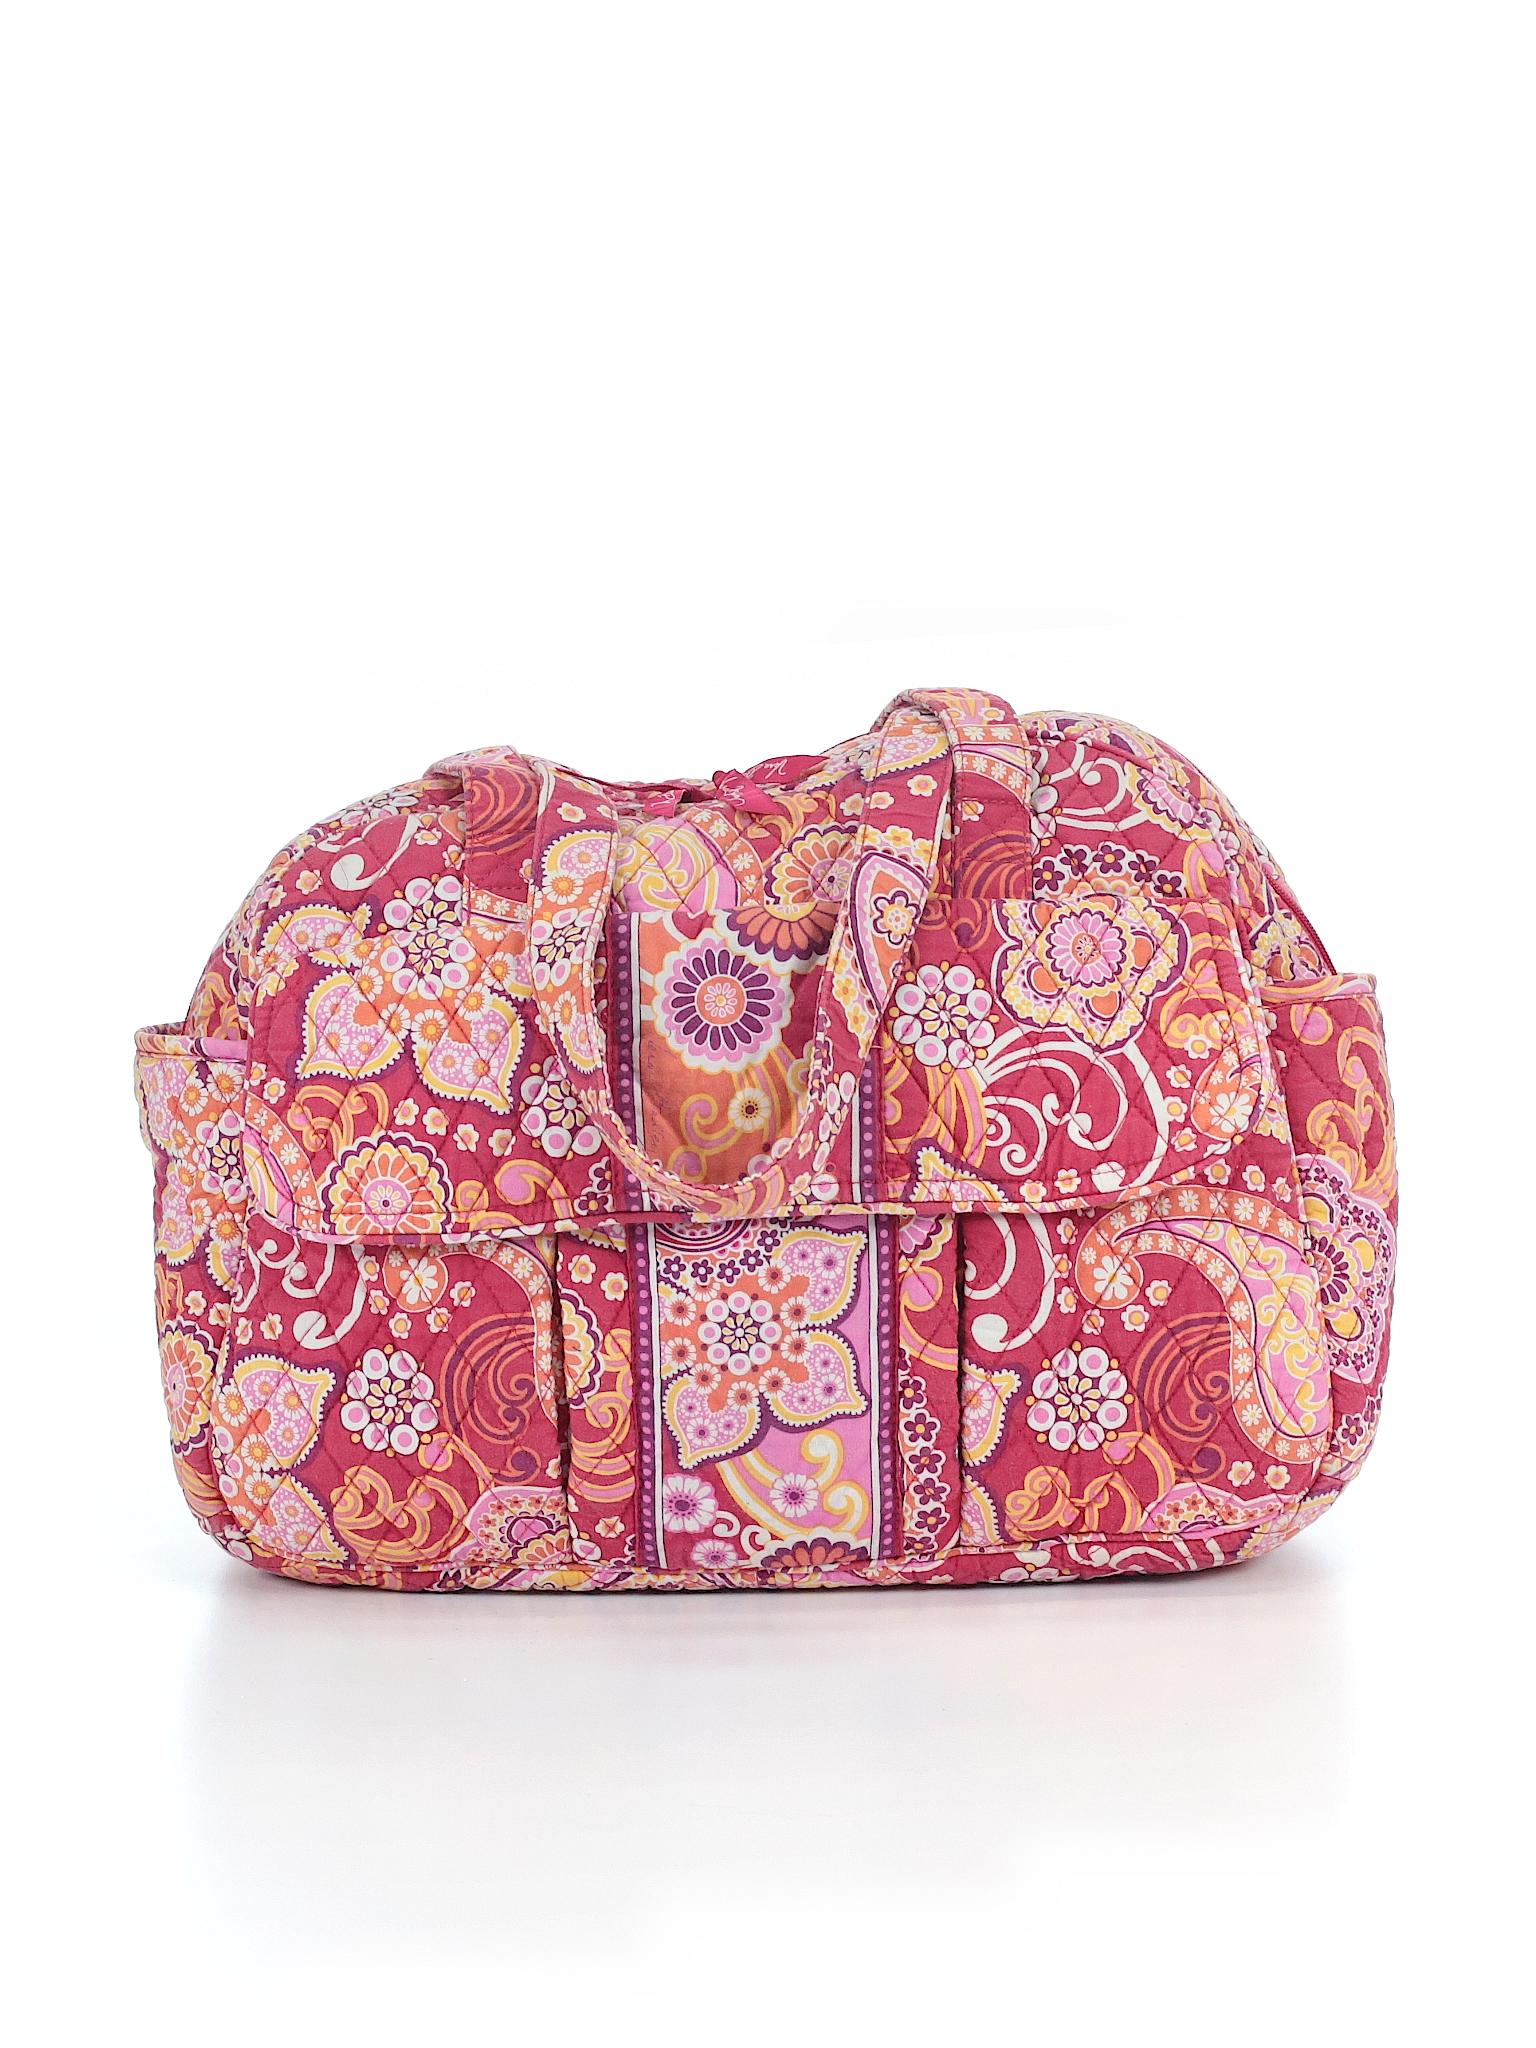 vera bradley diaper bag 59 off only on thredup. Black Bedroom Furniture Sets. Home Design Ideas